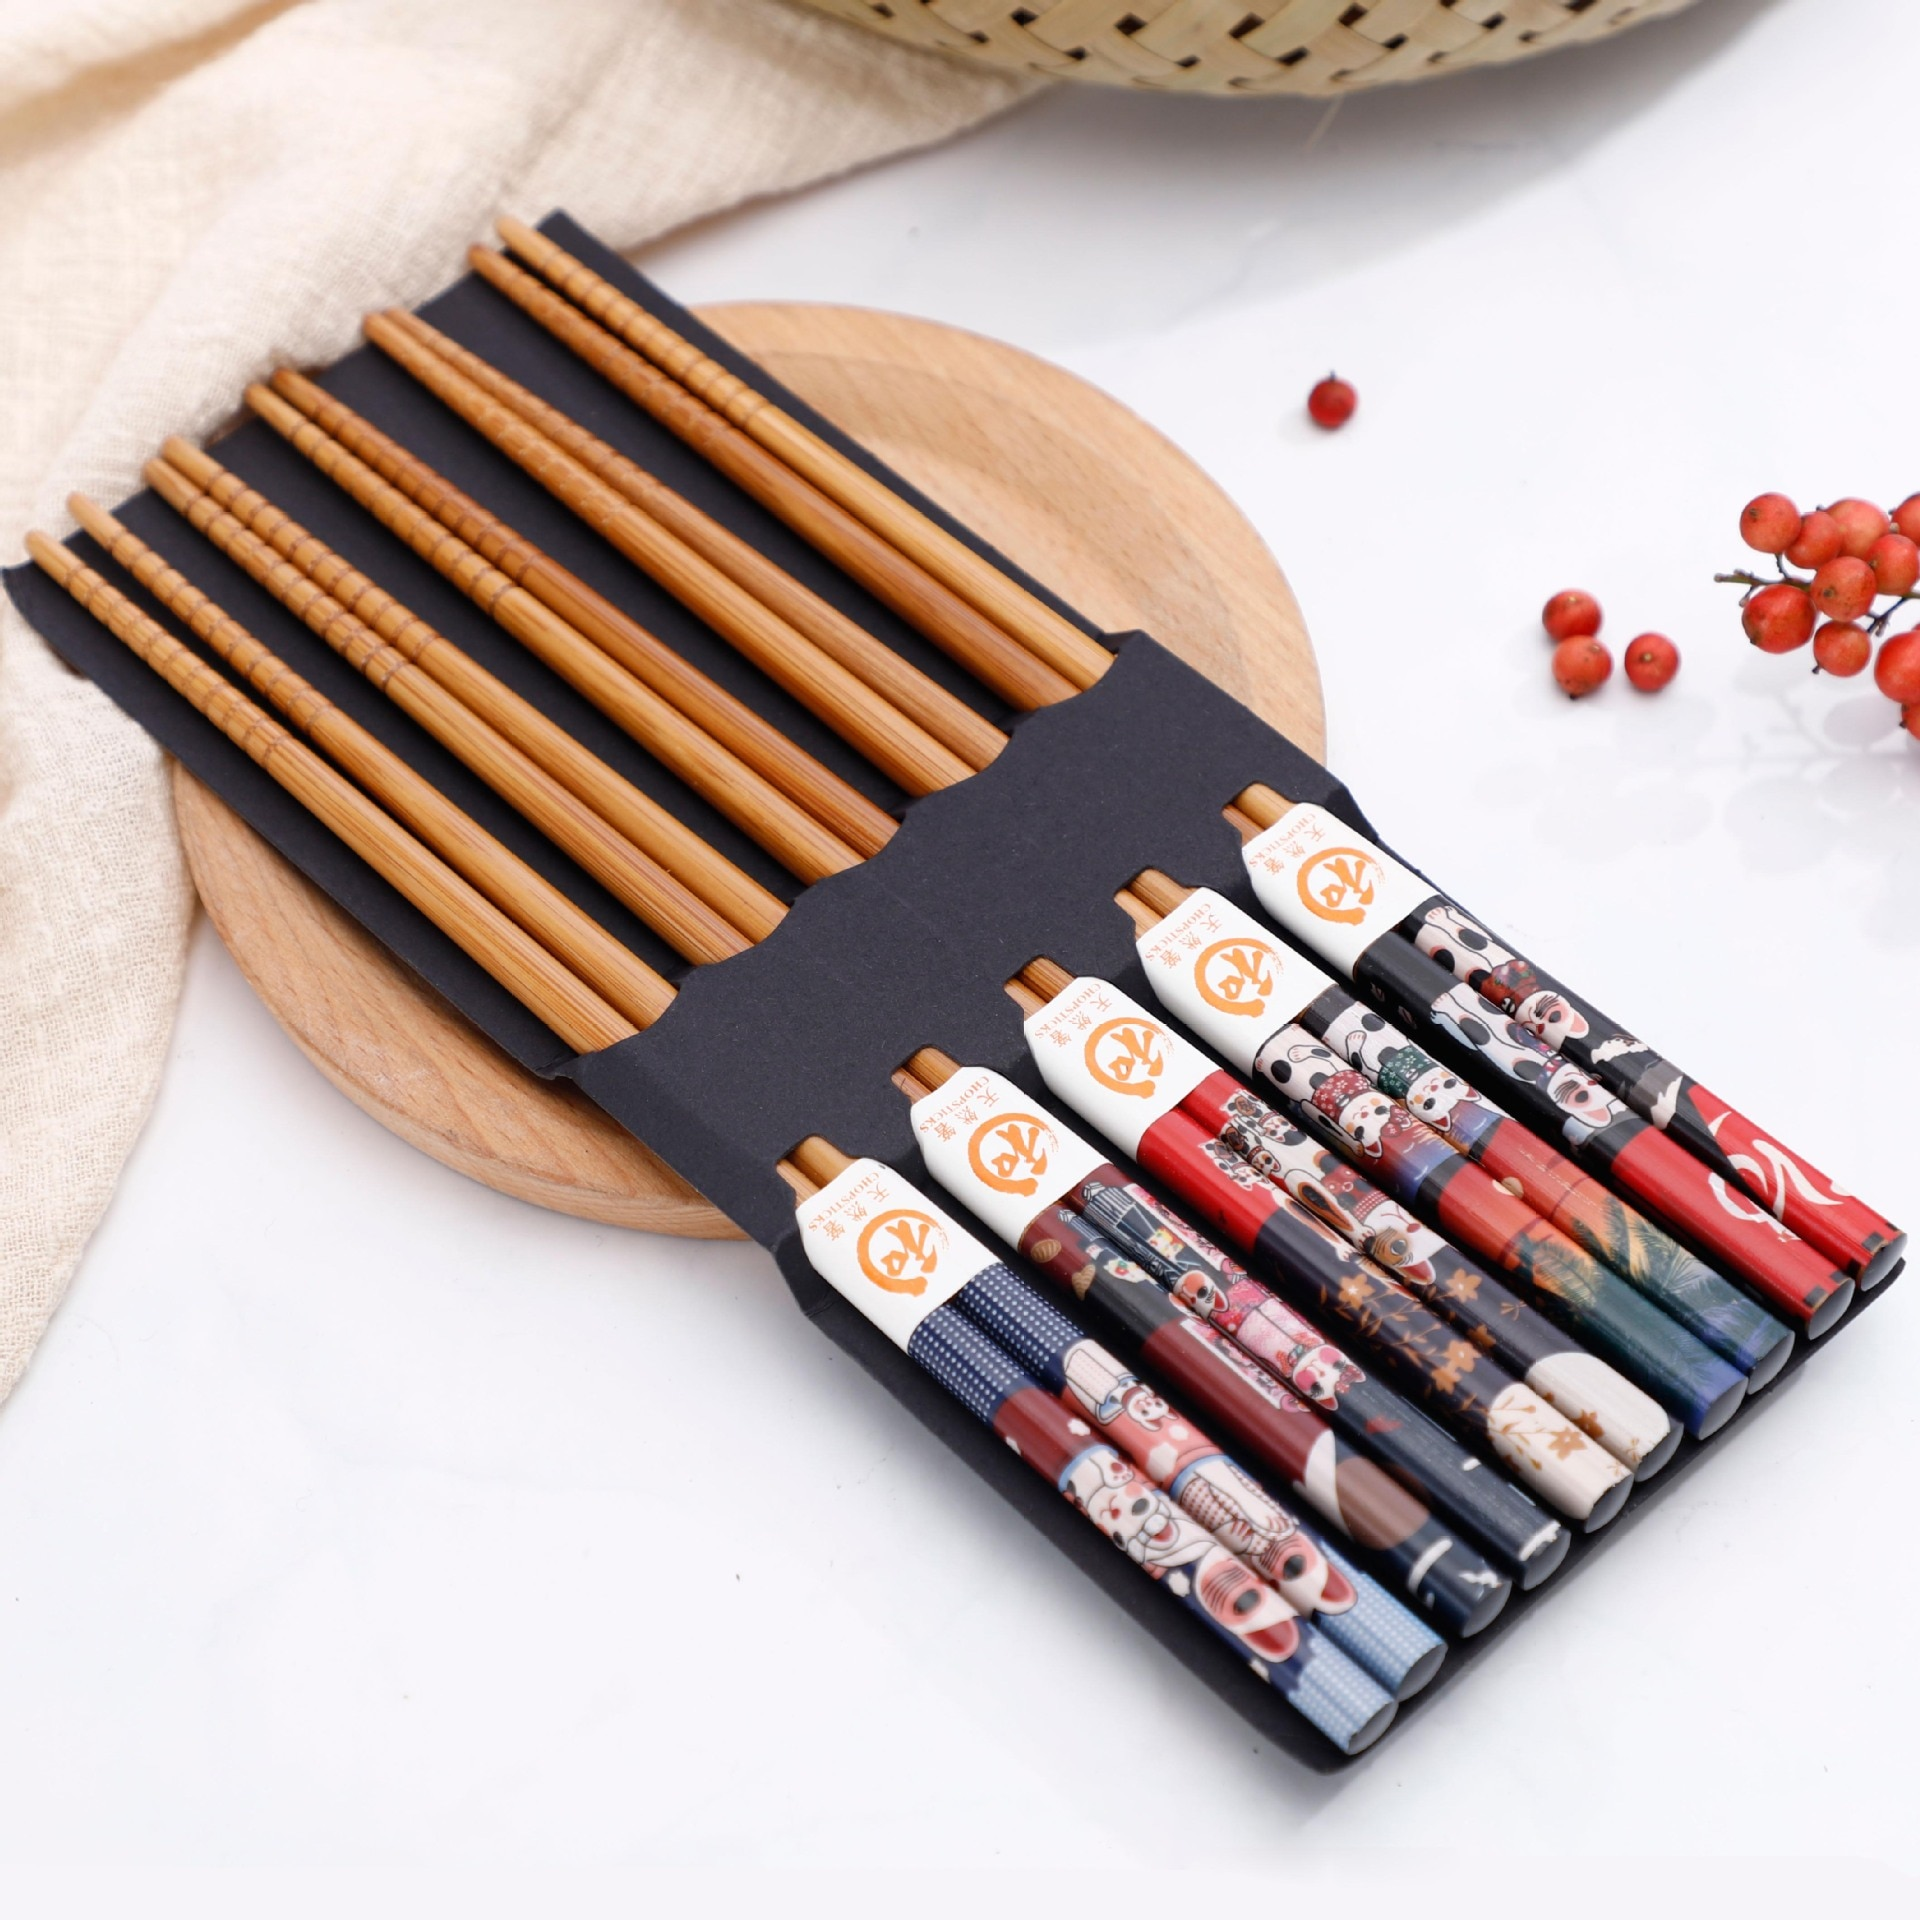 10 pares gato sorte bambu pauzinhos ecológicos madeira artesanal hello kitty sushi chop sticks estilo japonês chinês ferramentas de cozinha